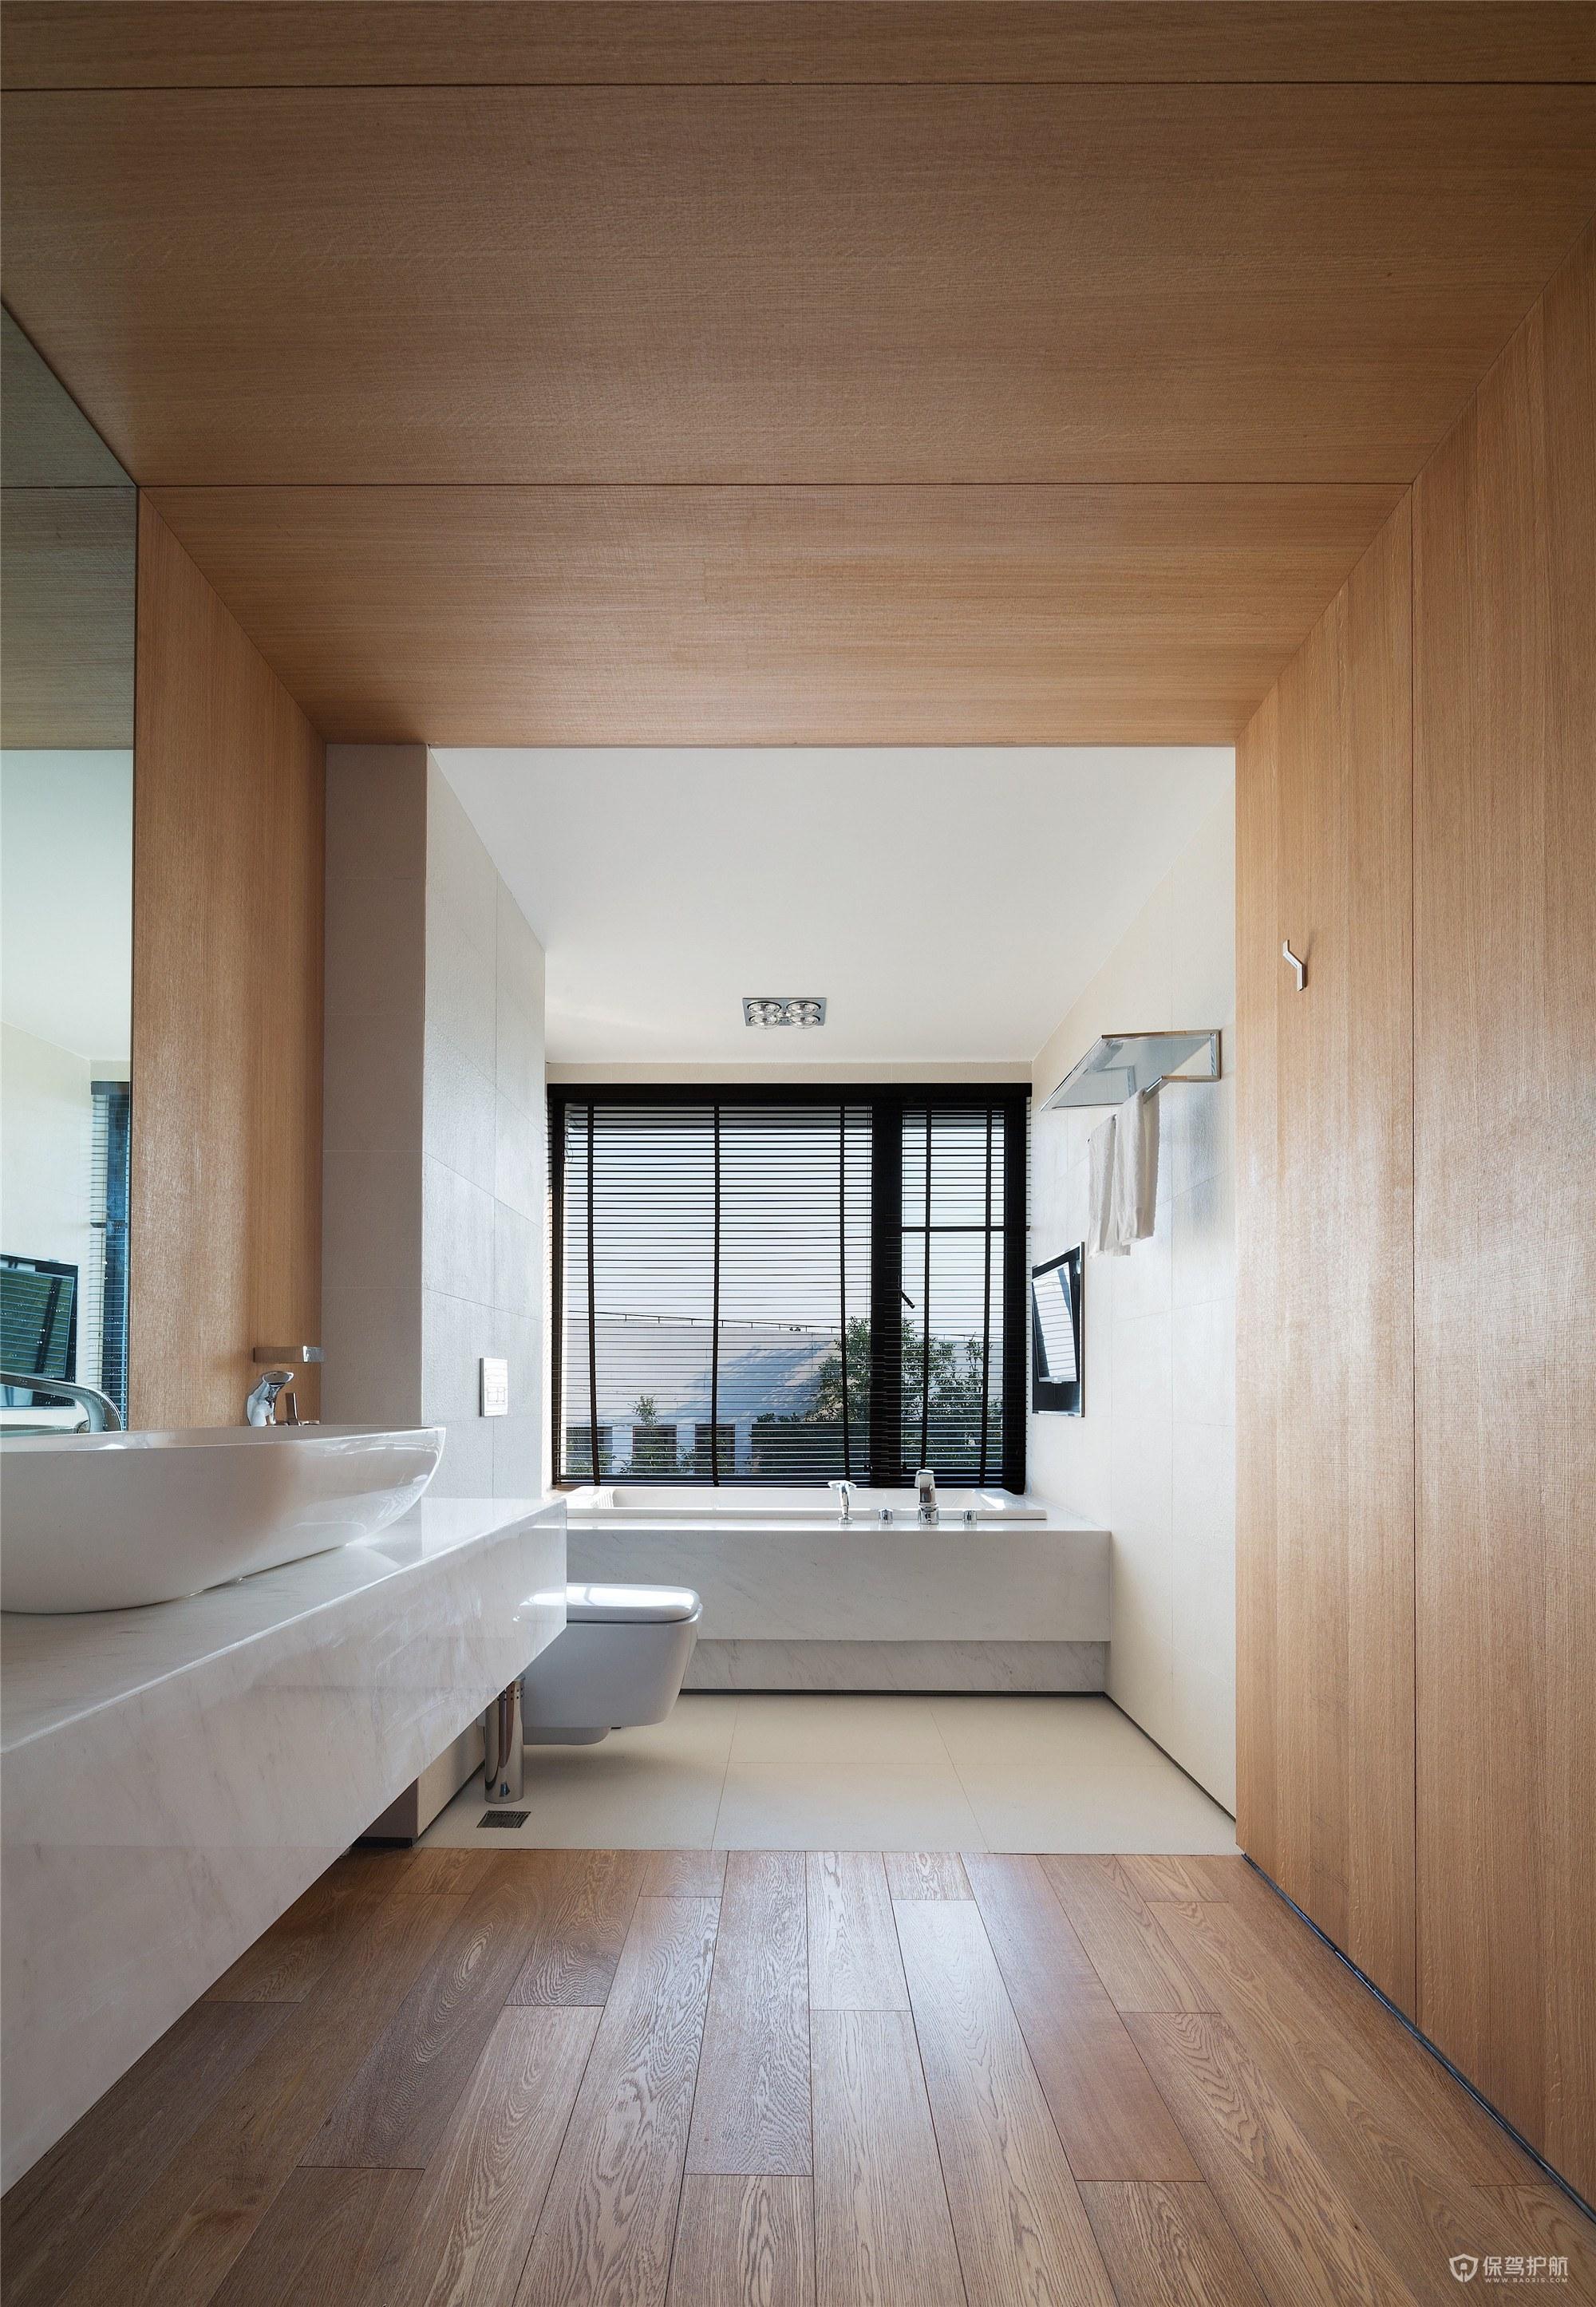 浴室防水遵循规范2